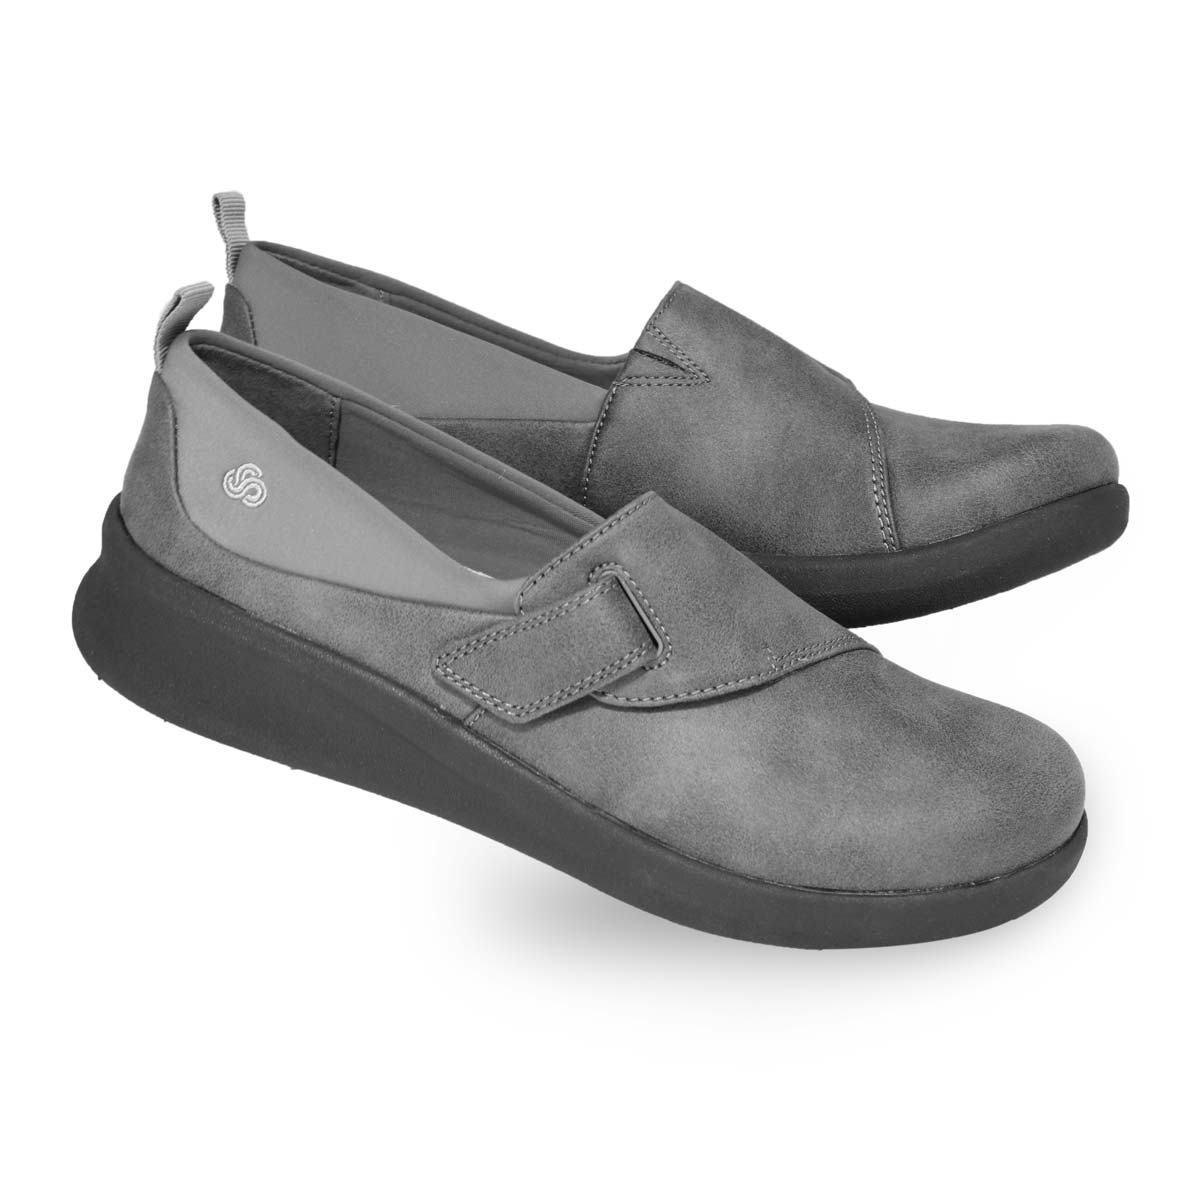 Women's SILLIAN 2.0 EASE  grey slip on shoes